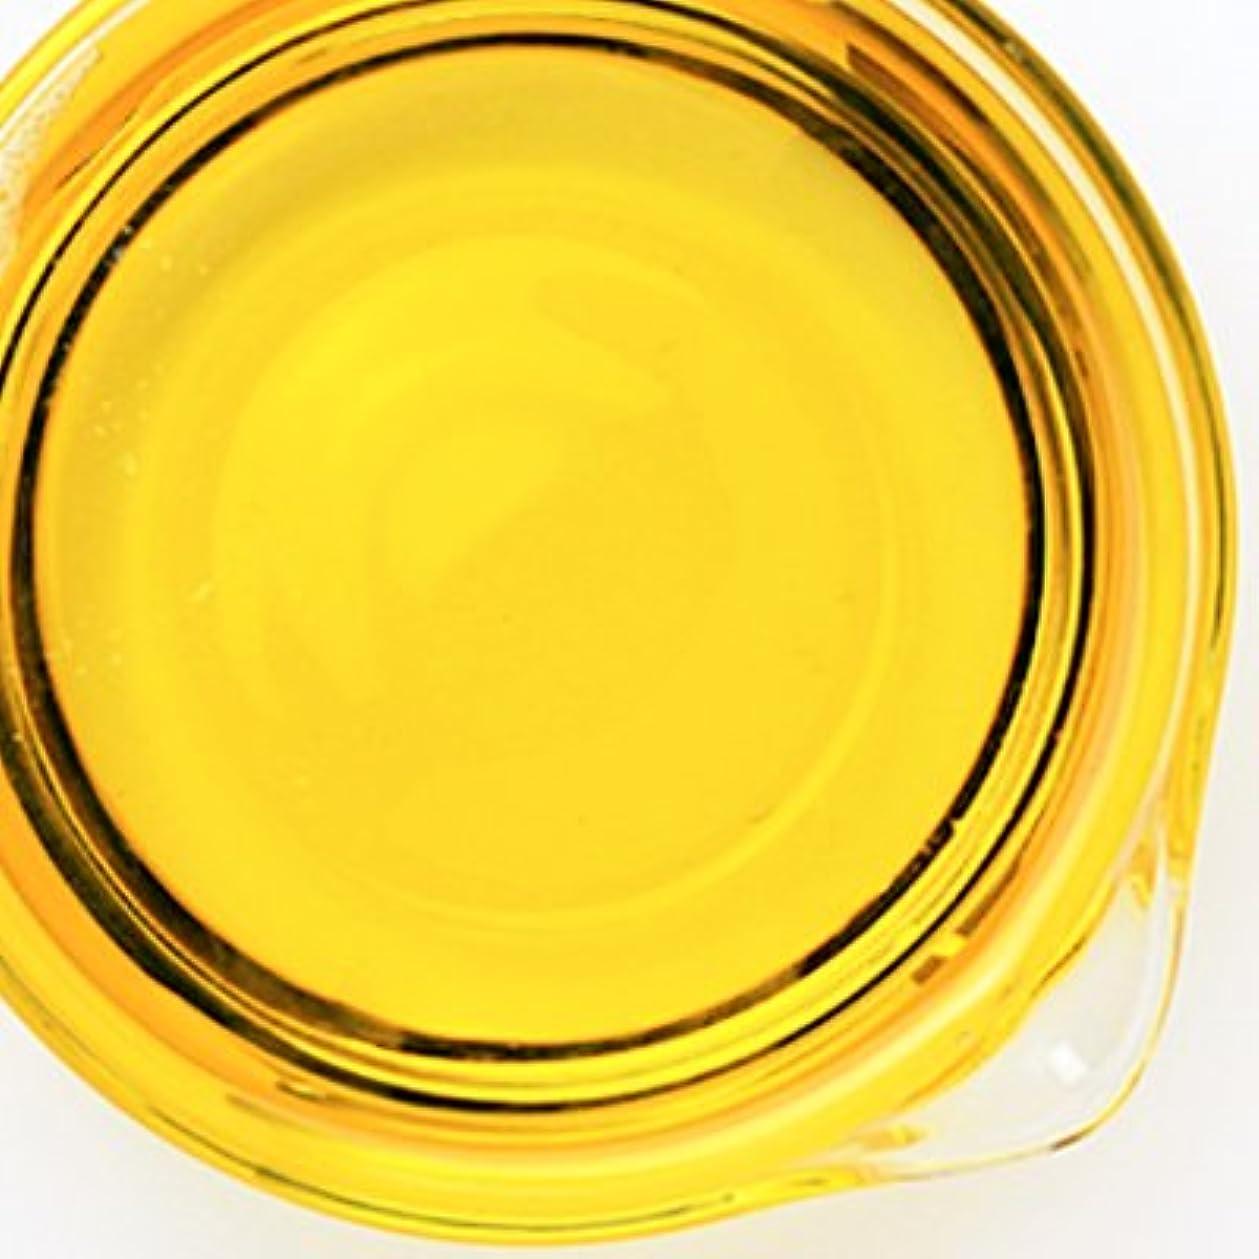 宴会扱いやすい栄光のポリソルベート 80 100ml 【乳化剤/手作りコスメ/手作り化粧品/アロマバス】